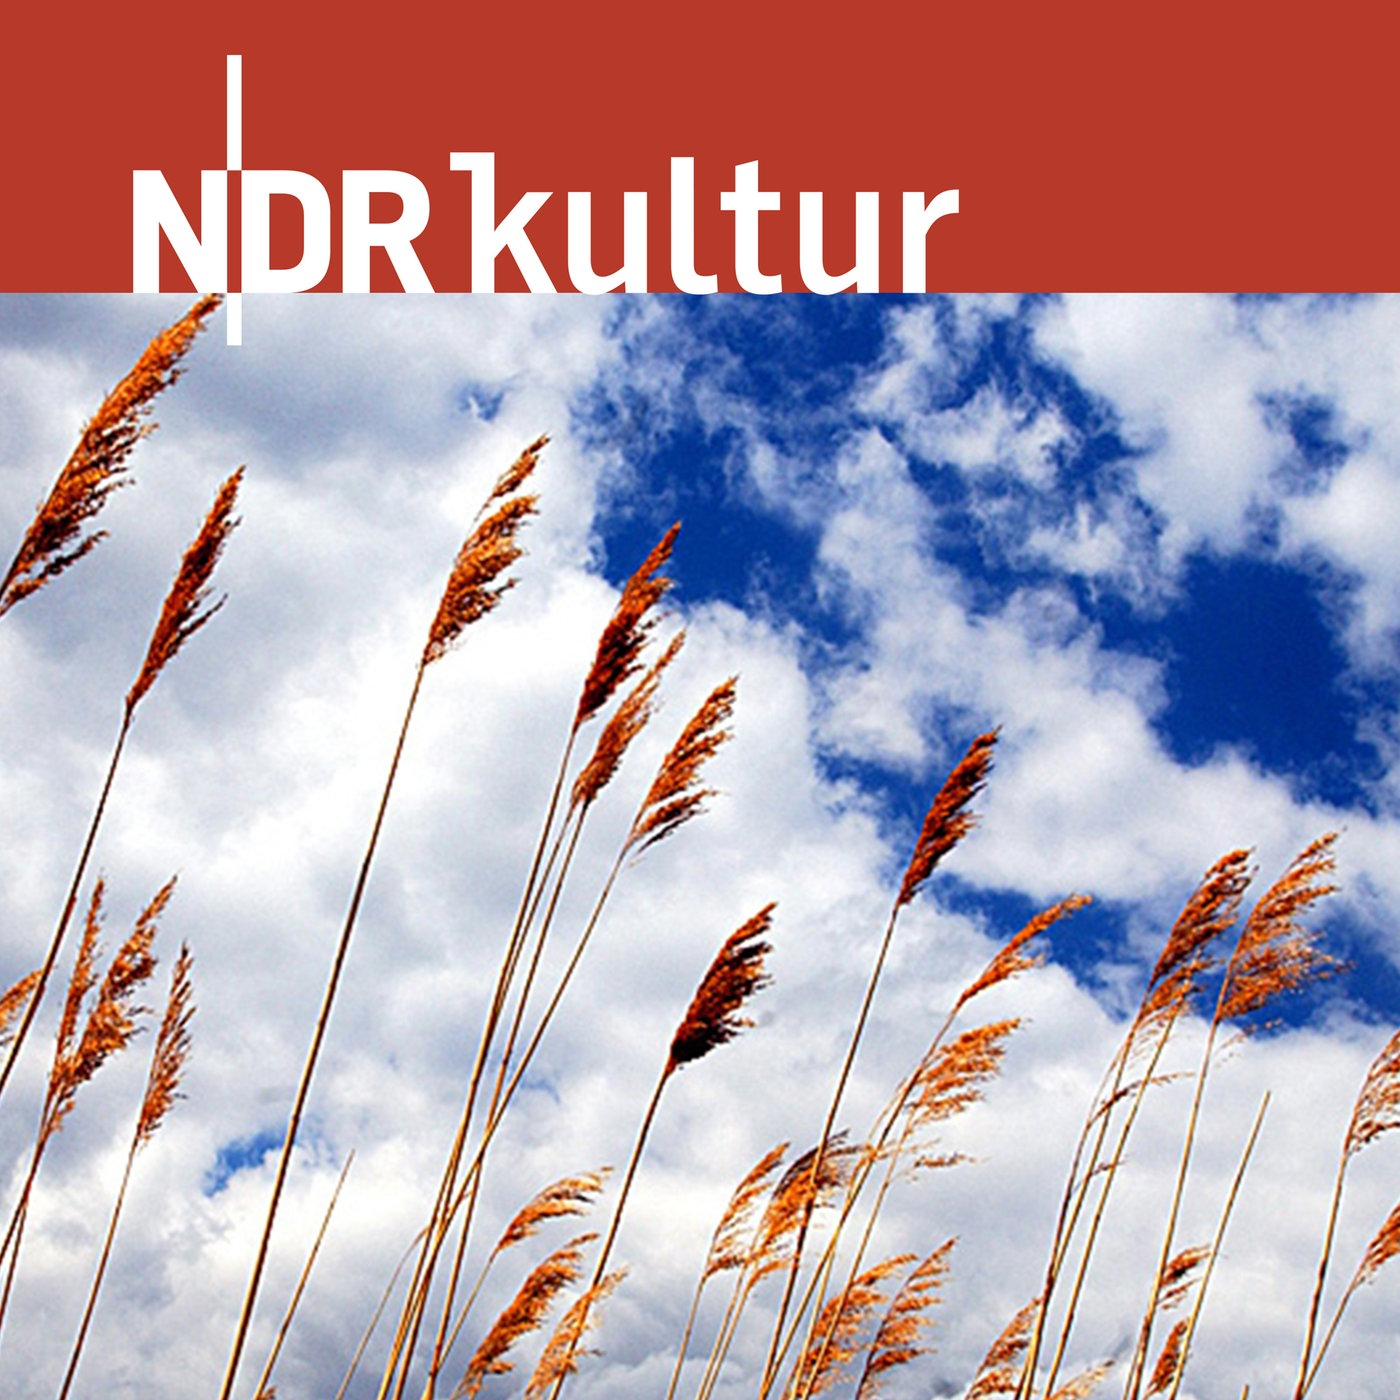 NDR Kultur - Glaubenssachen